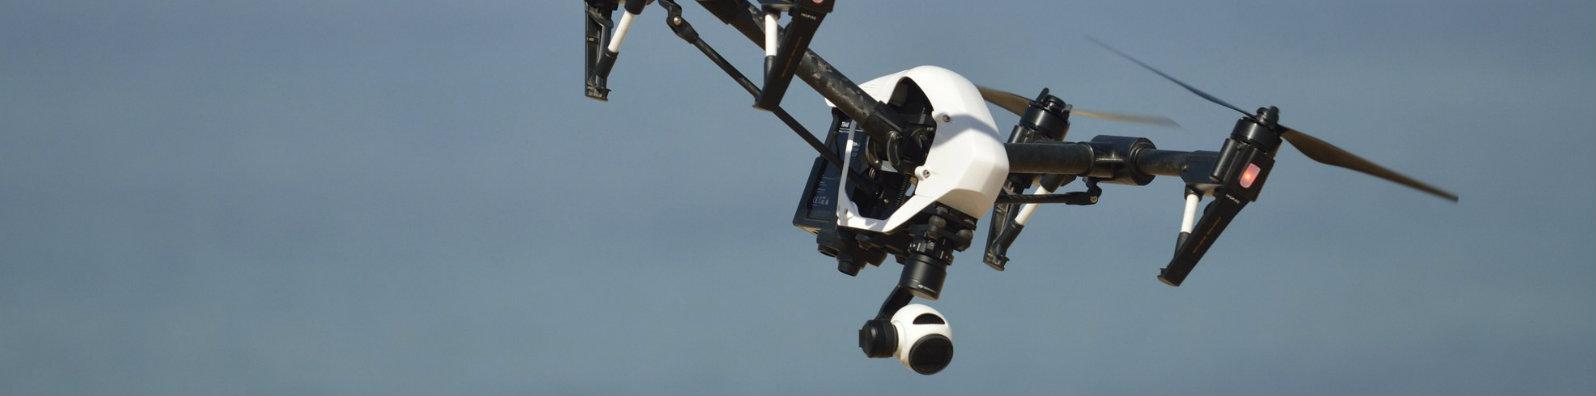 Drone Sürüsü Sahildeki Plastik Atıkları Temizleyecek